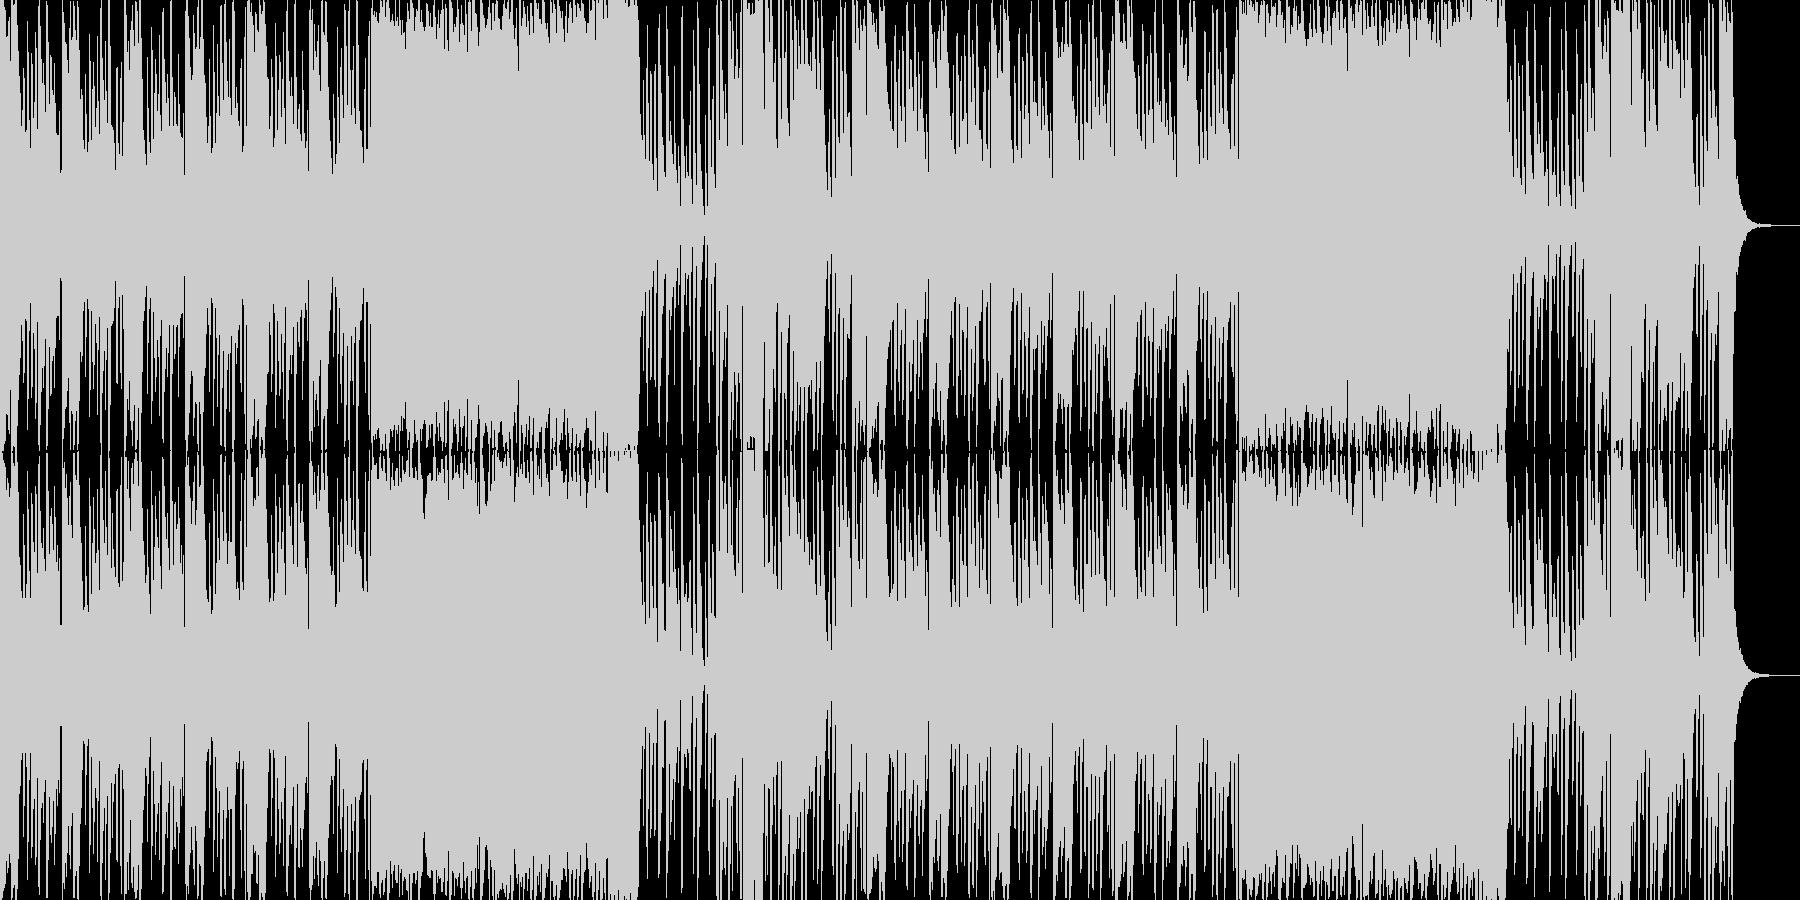 ロックサウンドをイメージした雰囲気物で…の未再生の波形